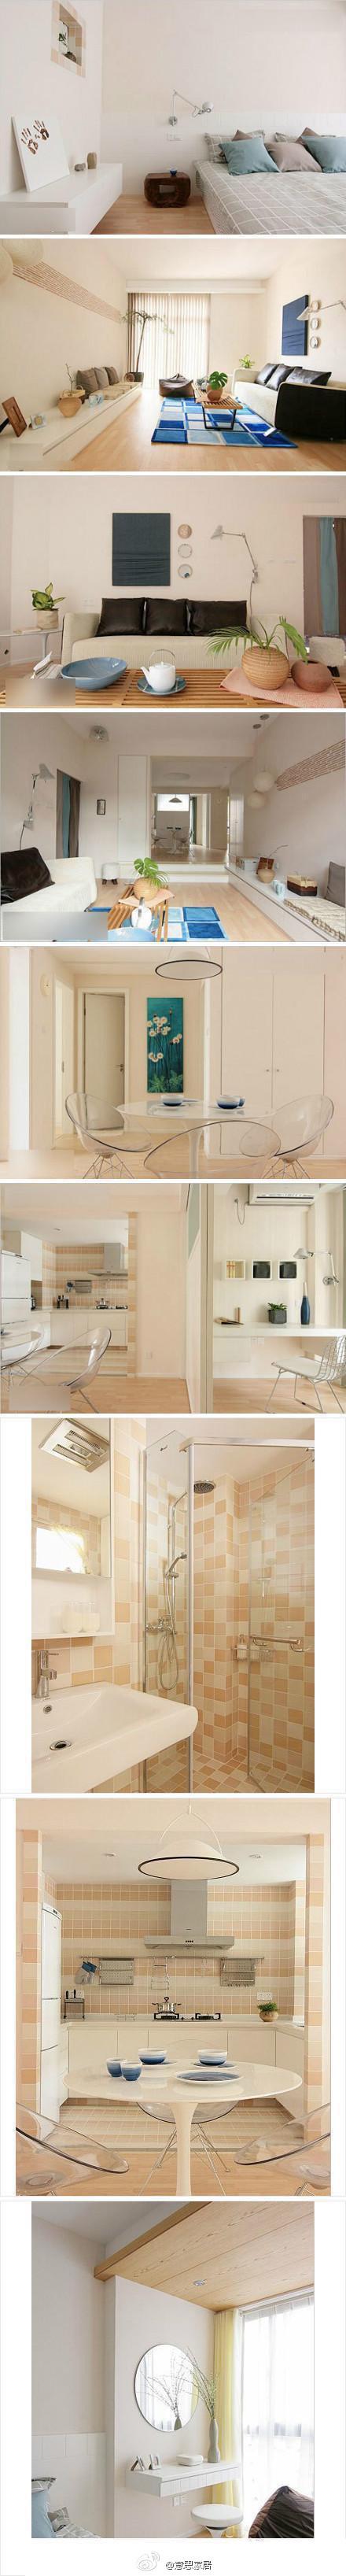 客厅 卧室 设计 家居图片来自用户2746948411在卧室的分享